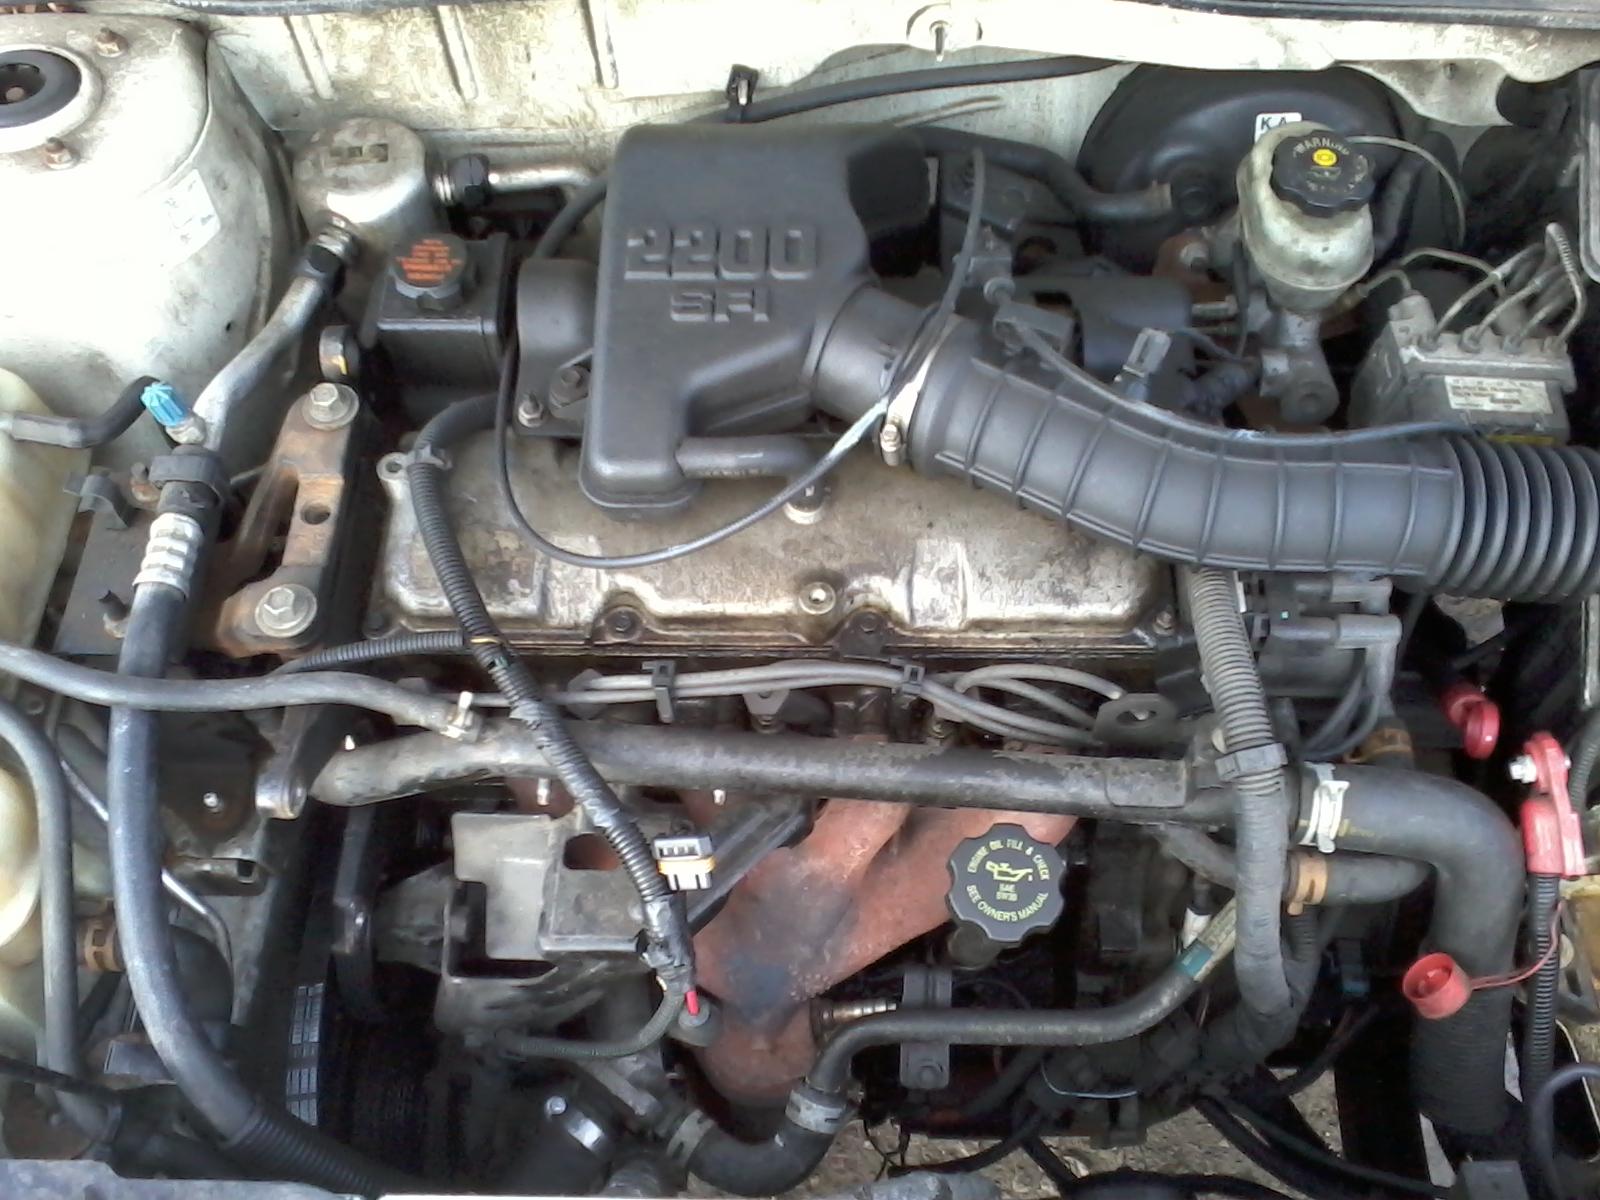 [DIAGRAM_5LK]  RR_6574] 2002 Chevy S10 2 2 Engine Diagram Wiring Diagram | 1992 Gmc Sonoma Engine Diagram |  | Awni Lous Inst Seve Ntnes Mohammedshrine Librar Wiring 101